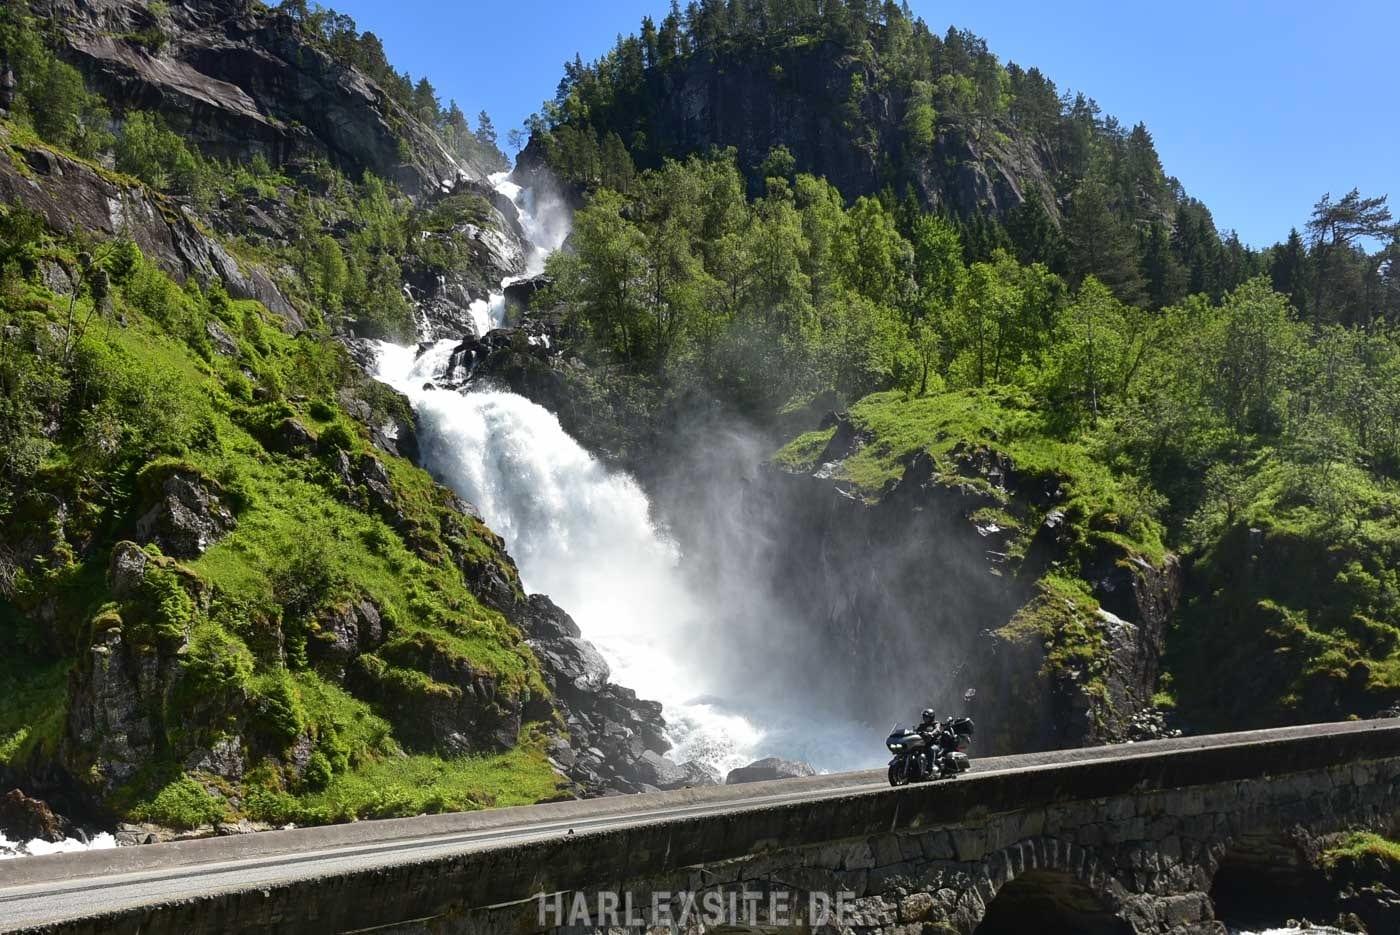 Harley vorm Skjervsfossen Wasserfall